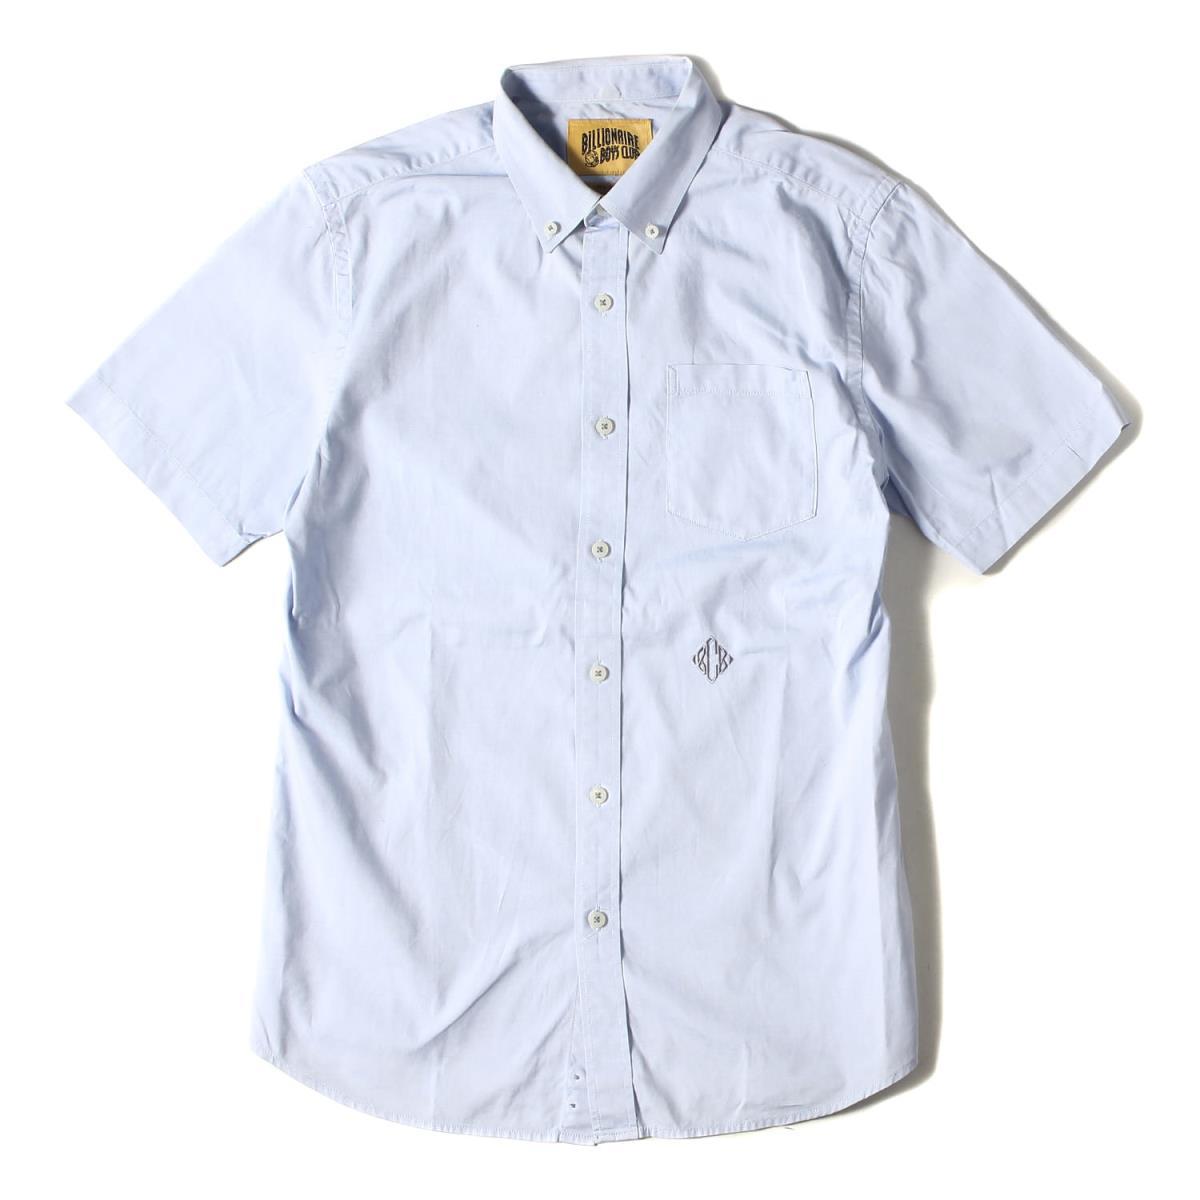 トップス, カジュアルシャツ BBC ICE CREAM S K2814